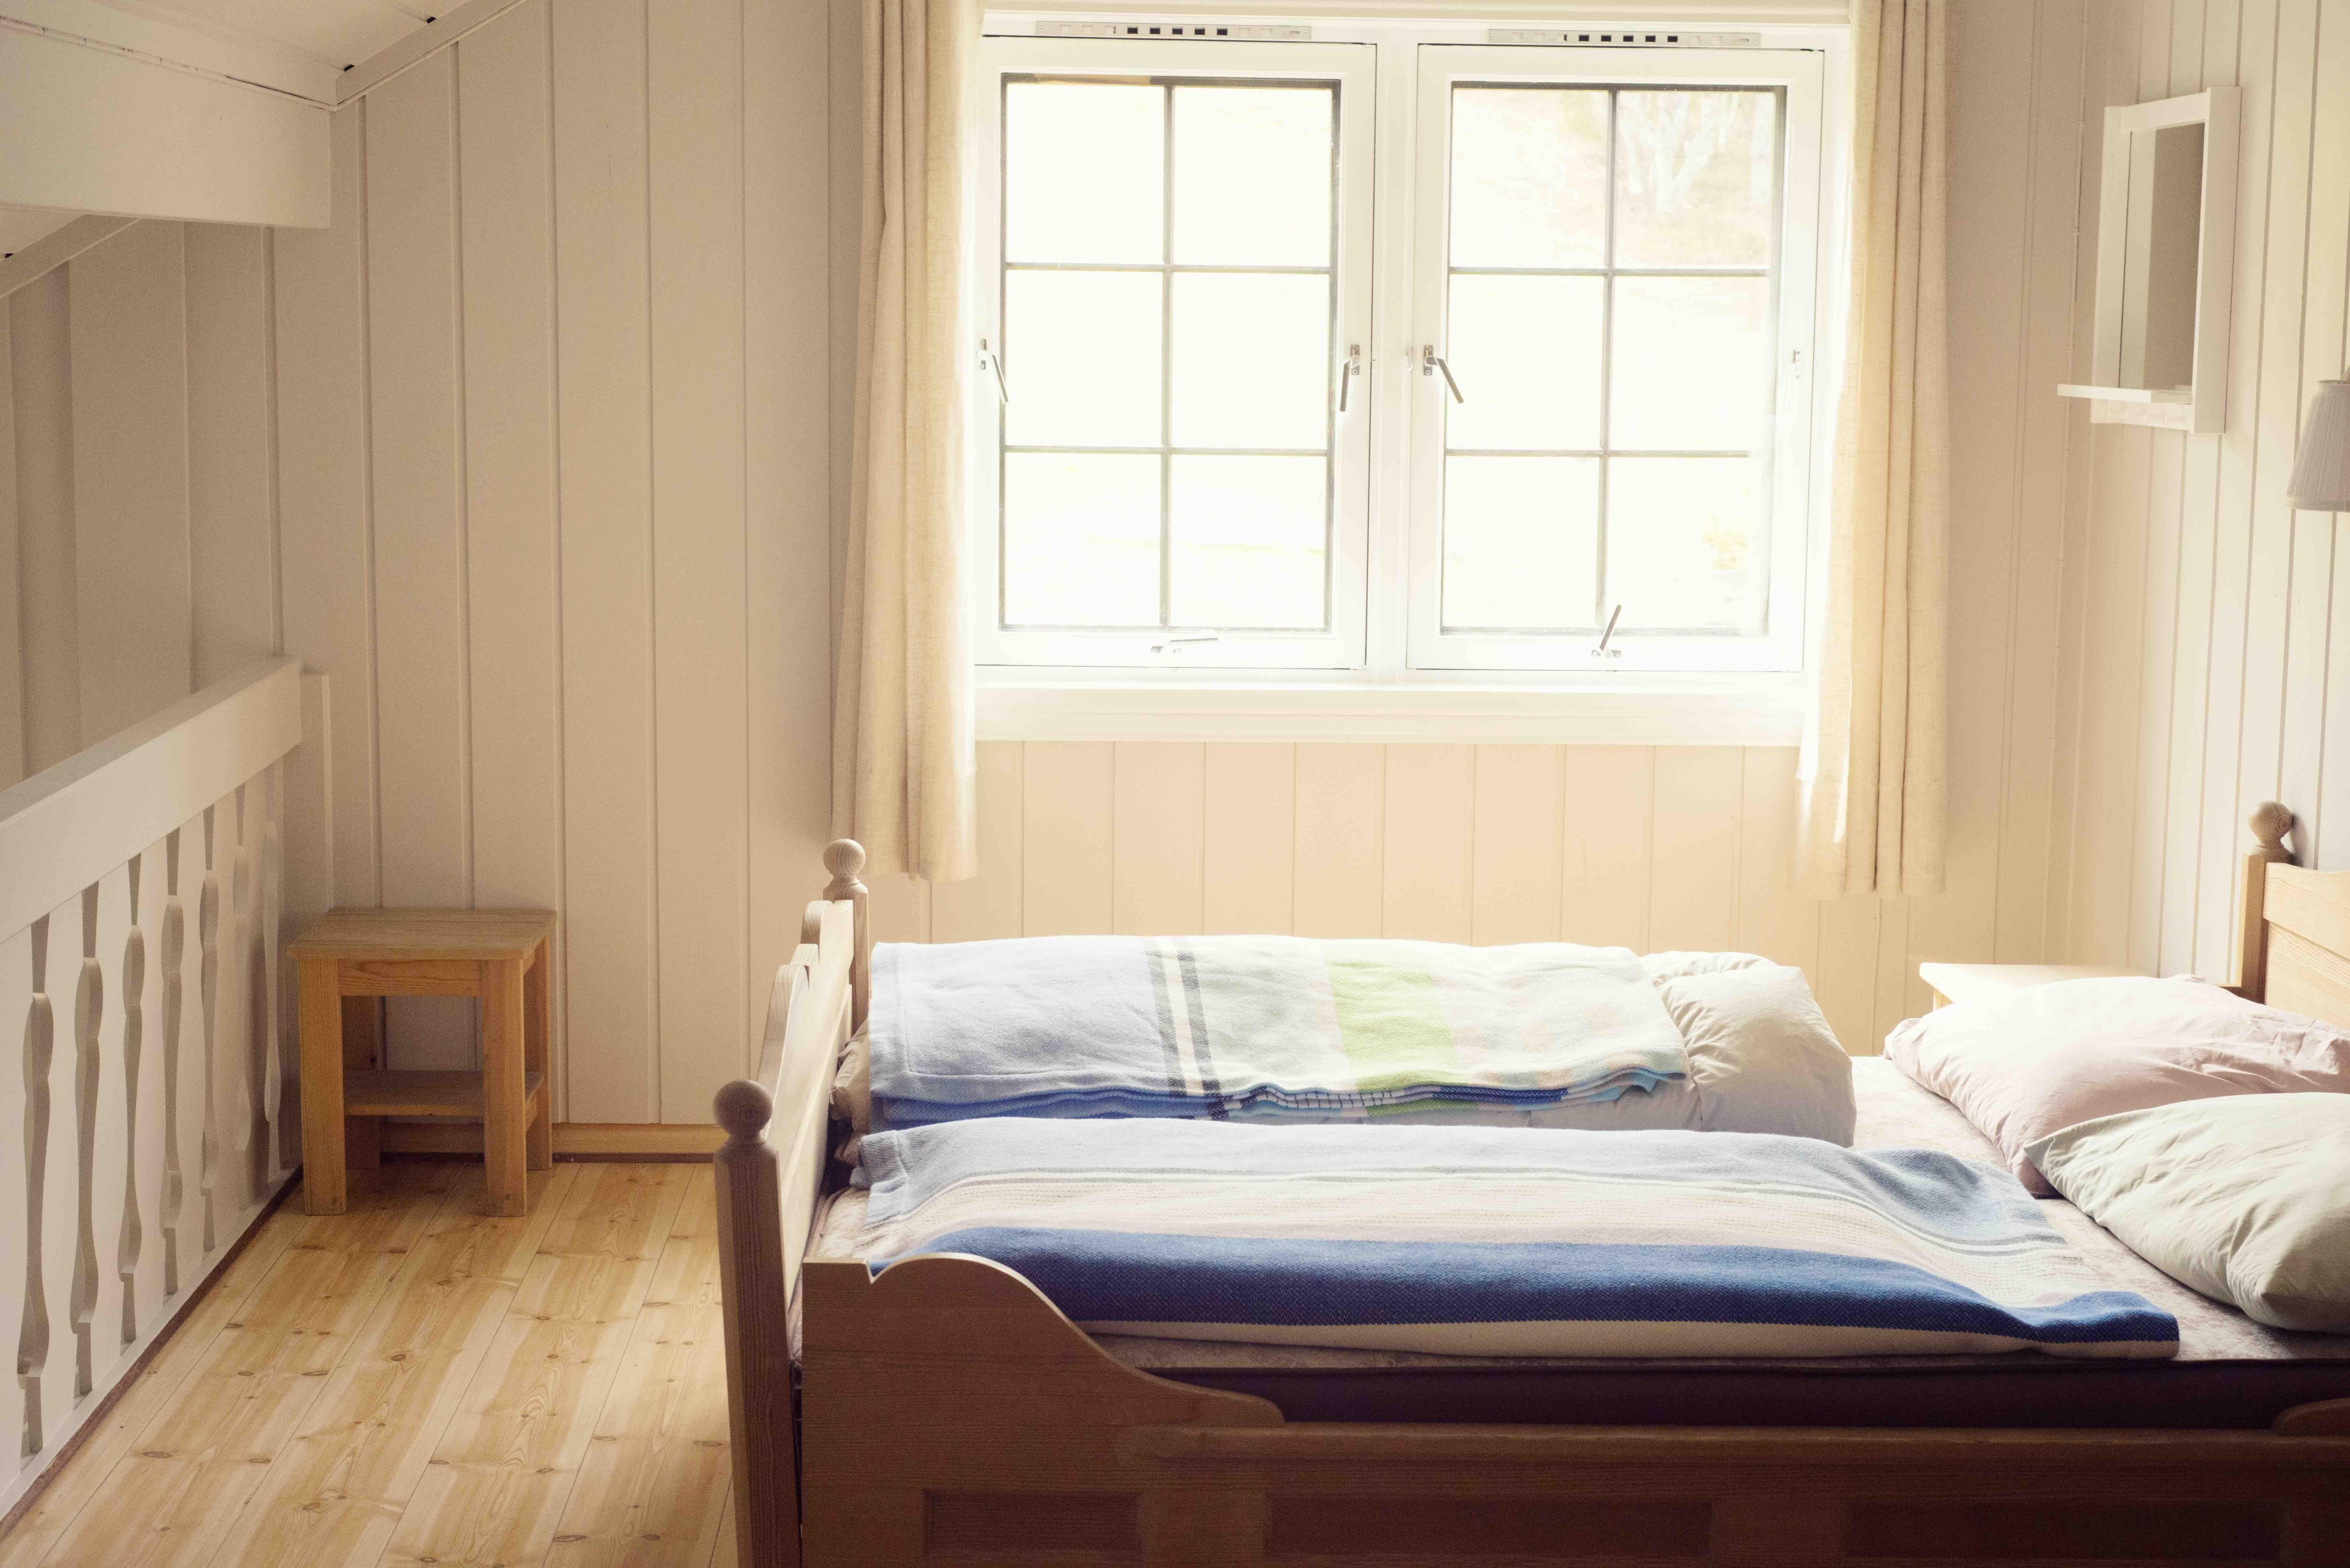 © Rondane Høyfjellshotell, Sov godt